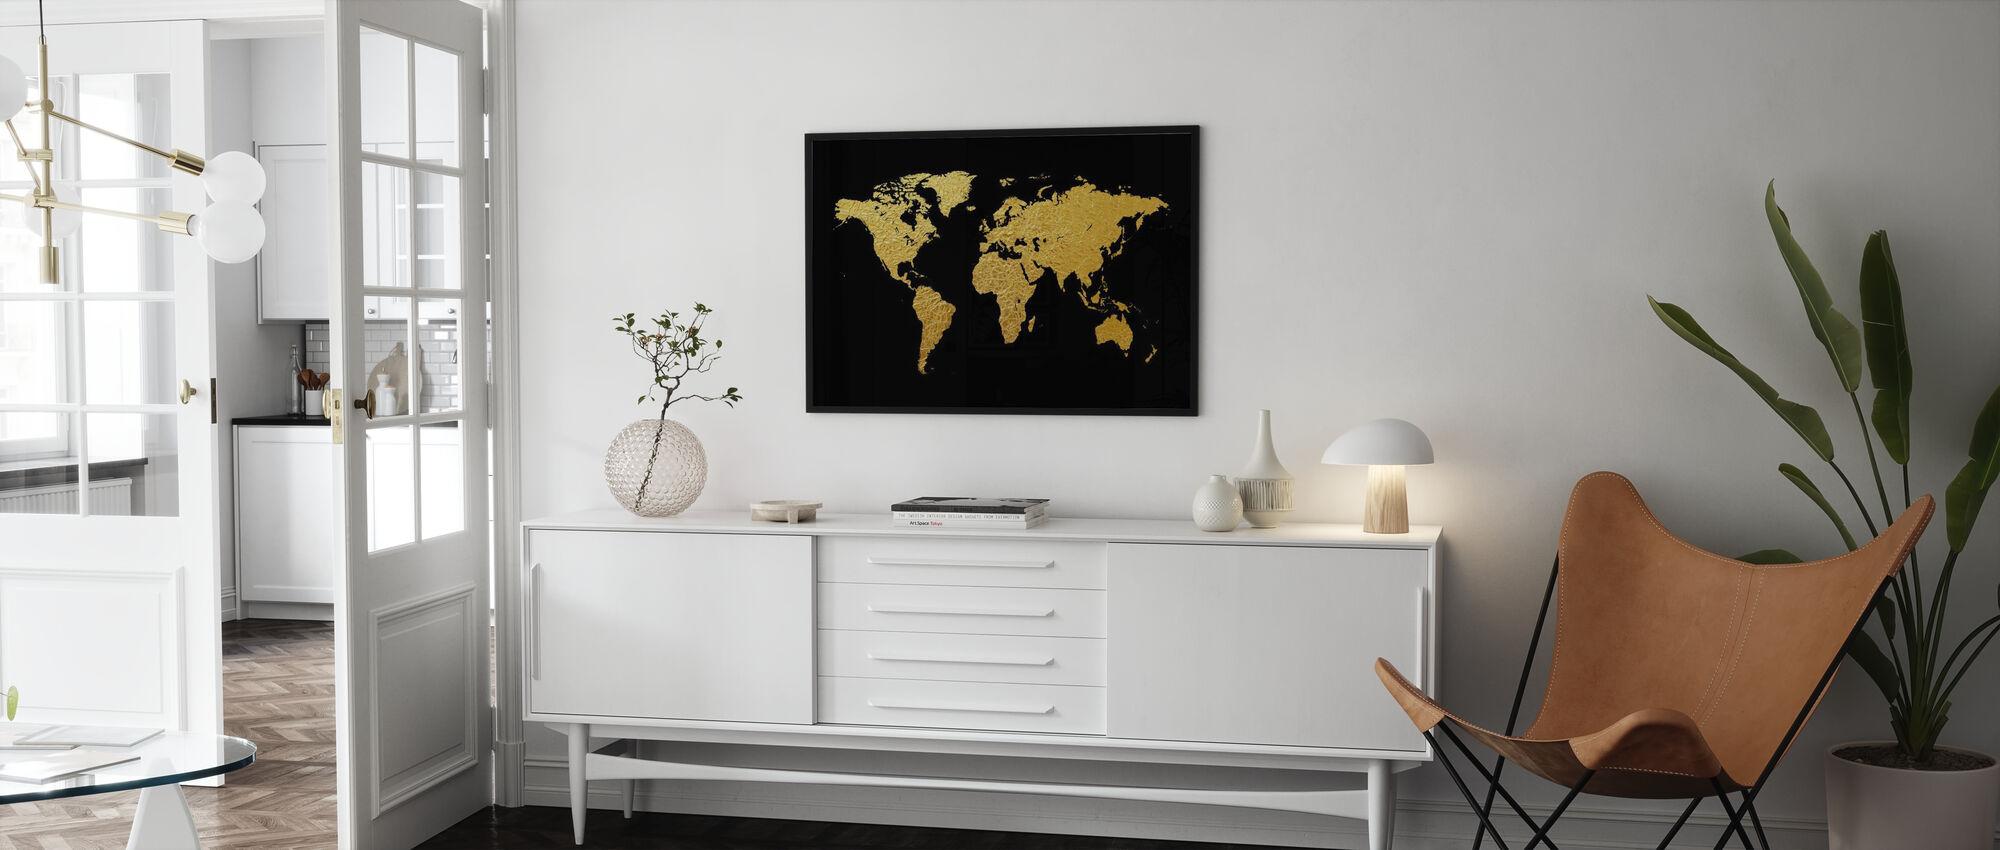 Gouden wereldkaart met zwarte achtergrond - Poster - Woonkamer